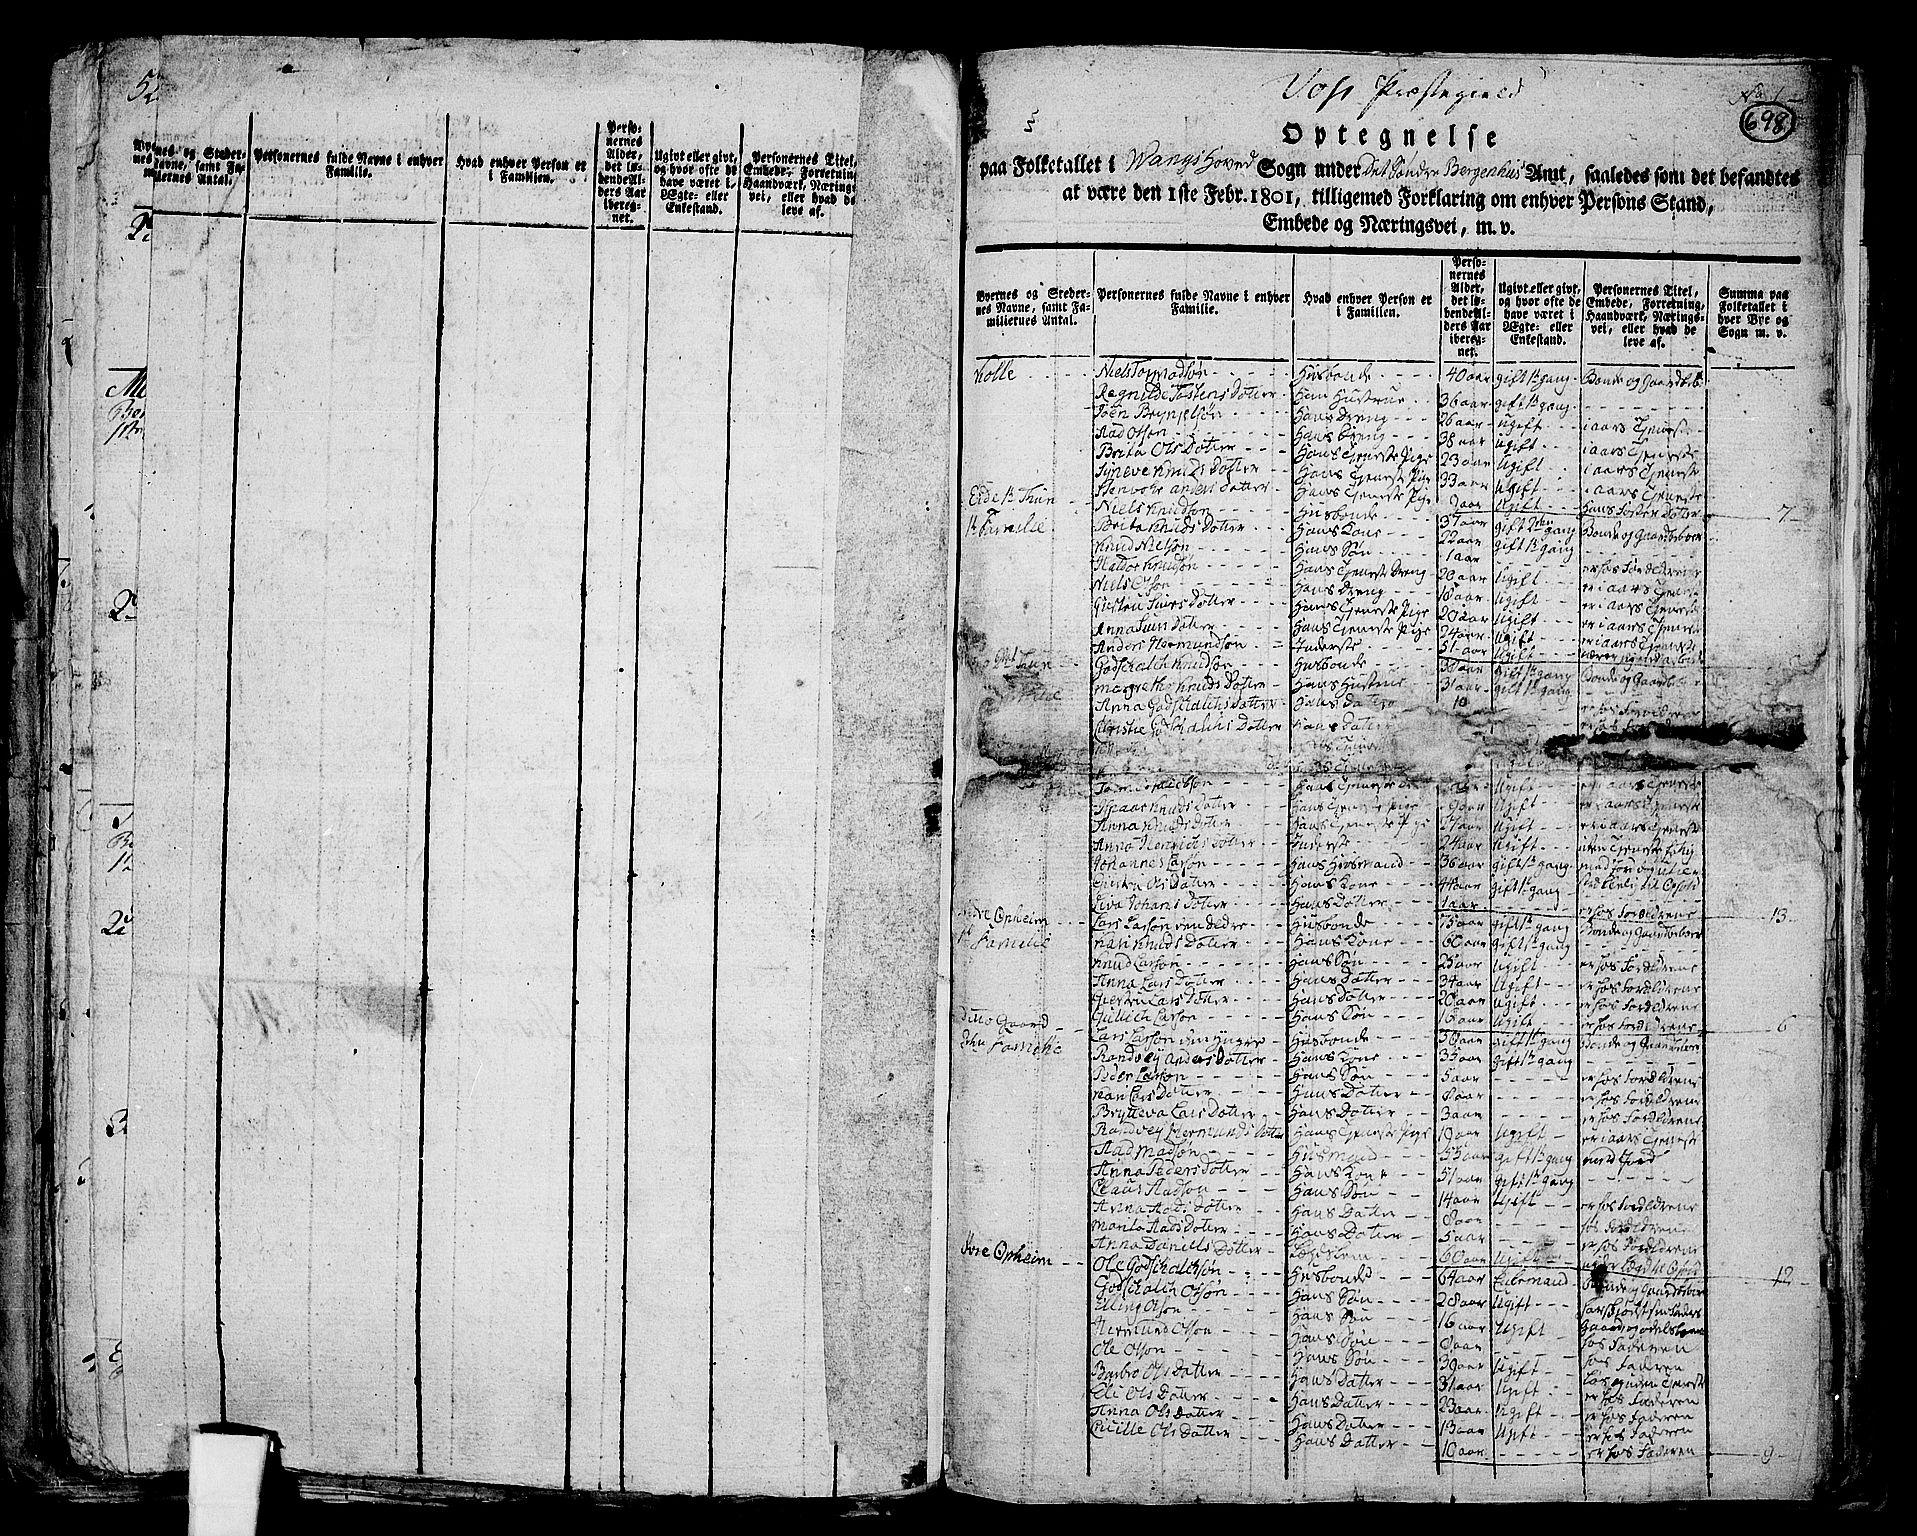 RA, Folketelling 1801 for 1235P Voss prestegjeld, 1801, s. 697b-698a